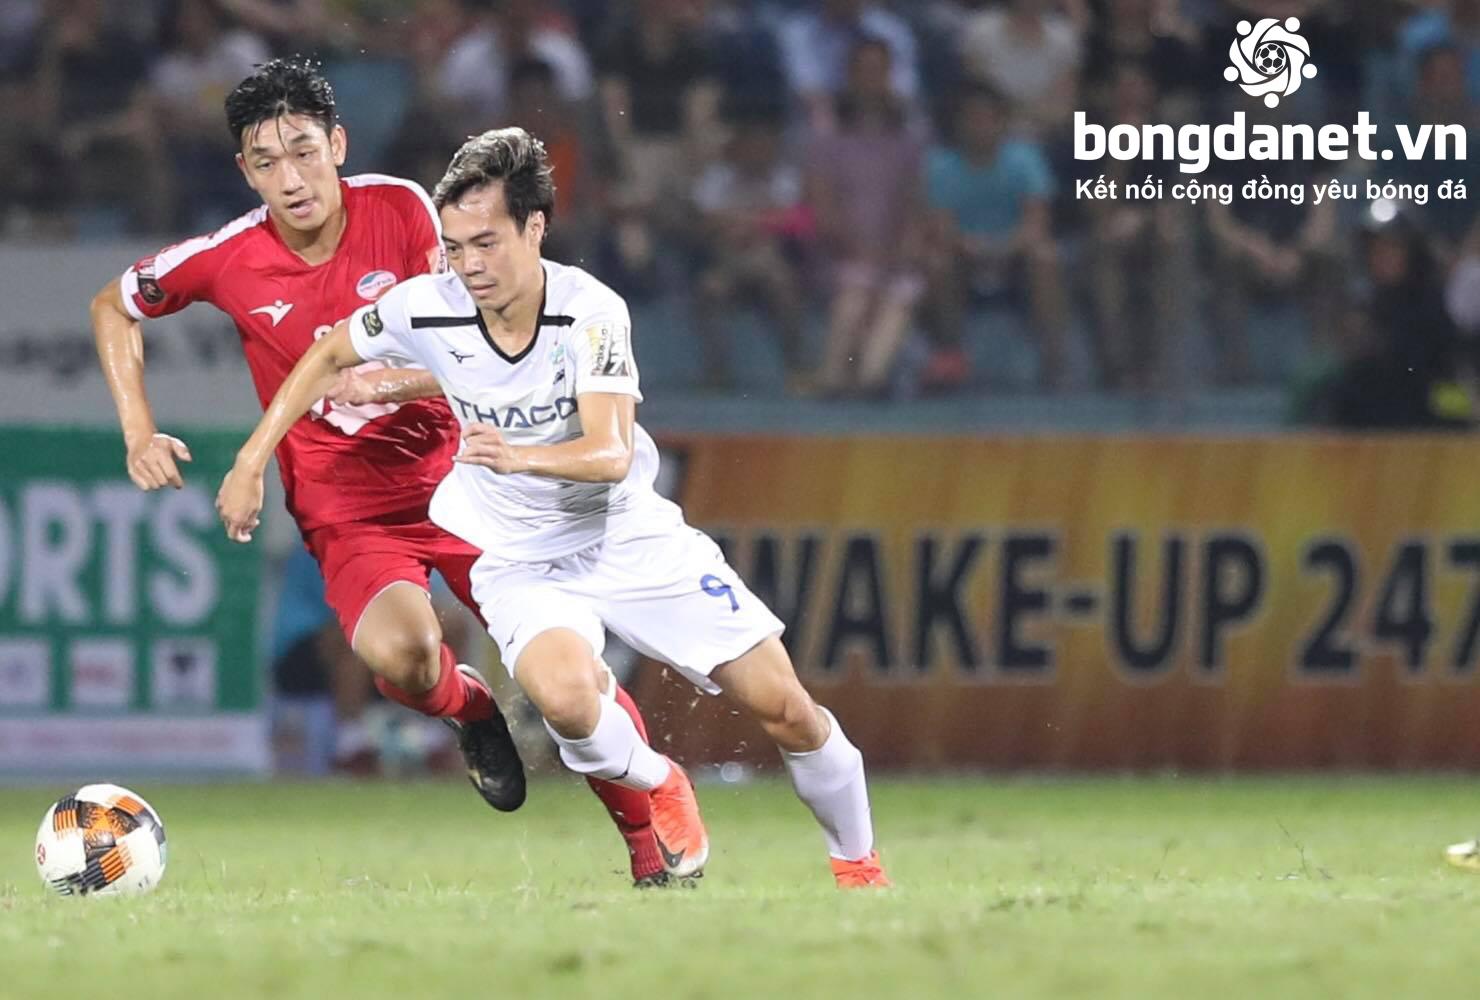 Tin bóng đá Việt Nam 1/4: SLNA cho cầu thủ... tập luyện bóng bàn